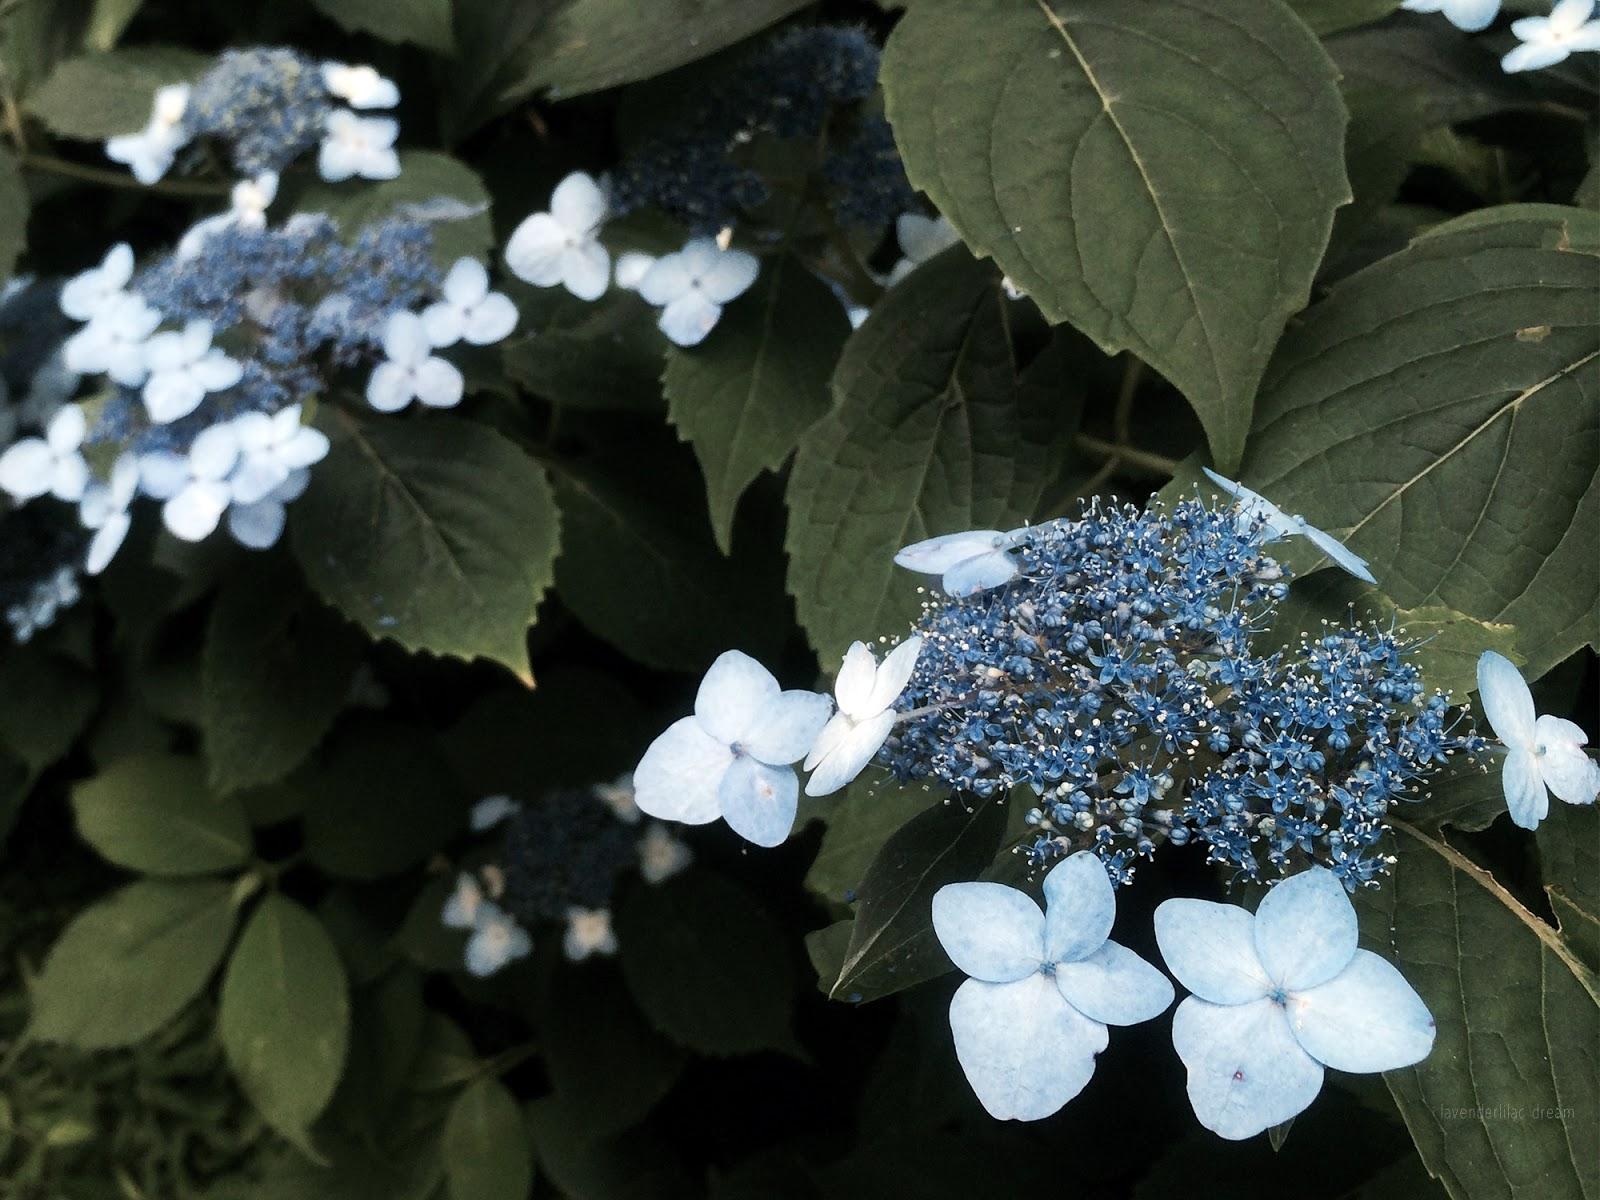 South Korea, Jeju Island, Yonsei University, YISS 2014, Saryeoni Forest blooming hydrangeas